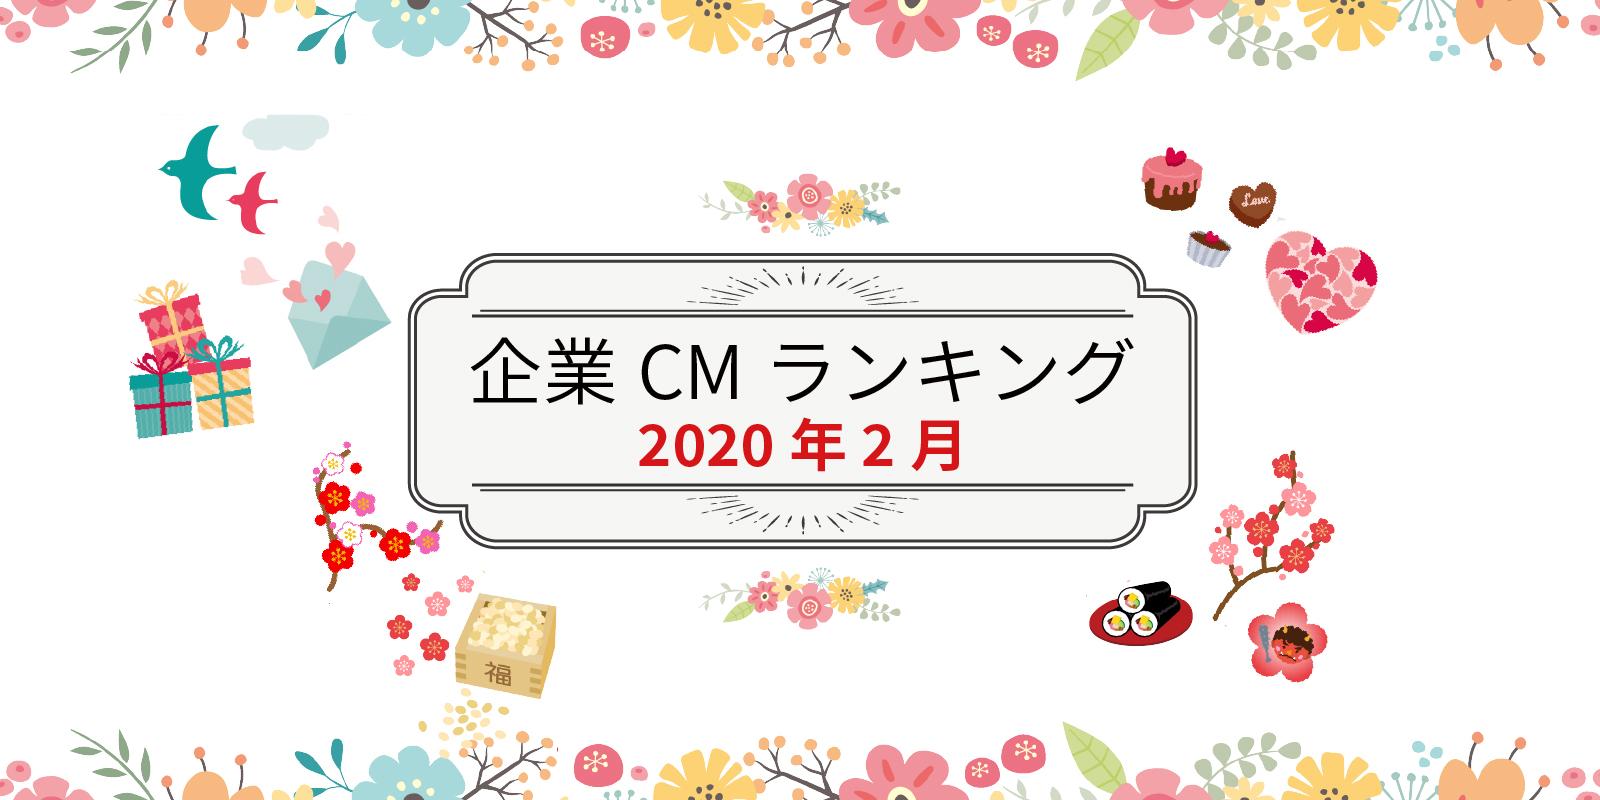 企業CMランキング(2020年2月)